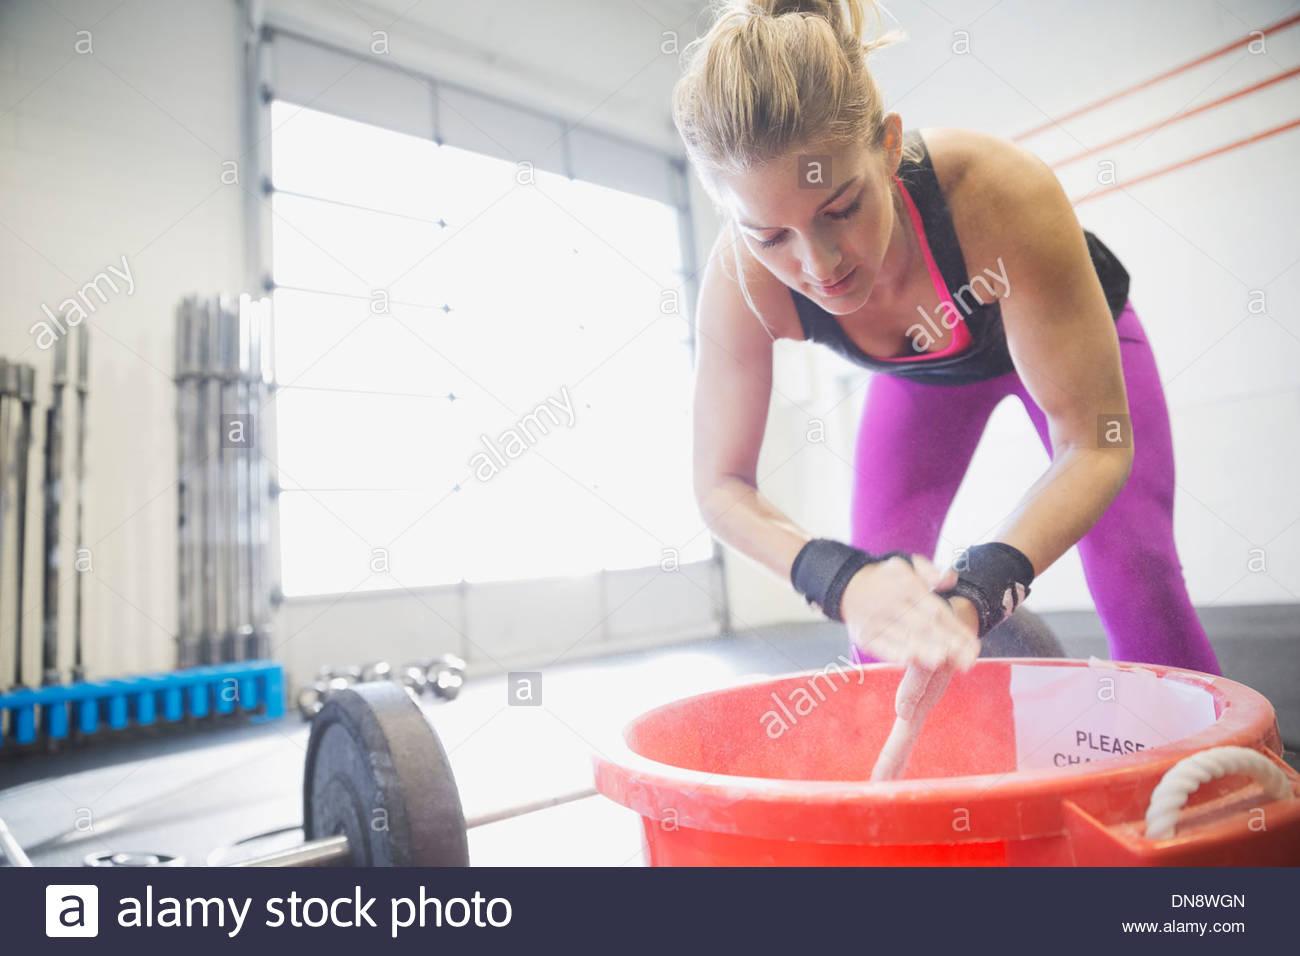 La donna lo sfarinamento delle mani prima della formazione Immagini Stock